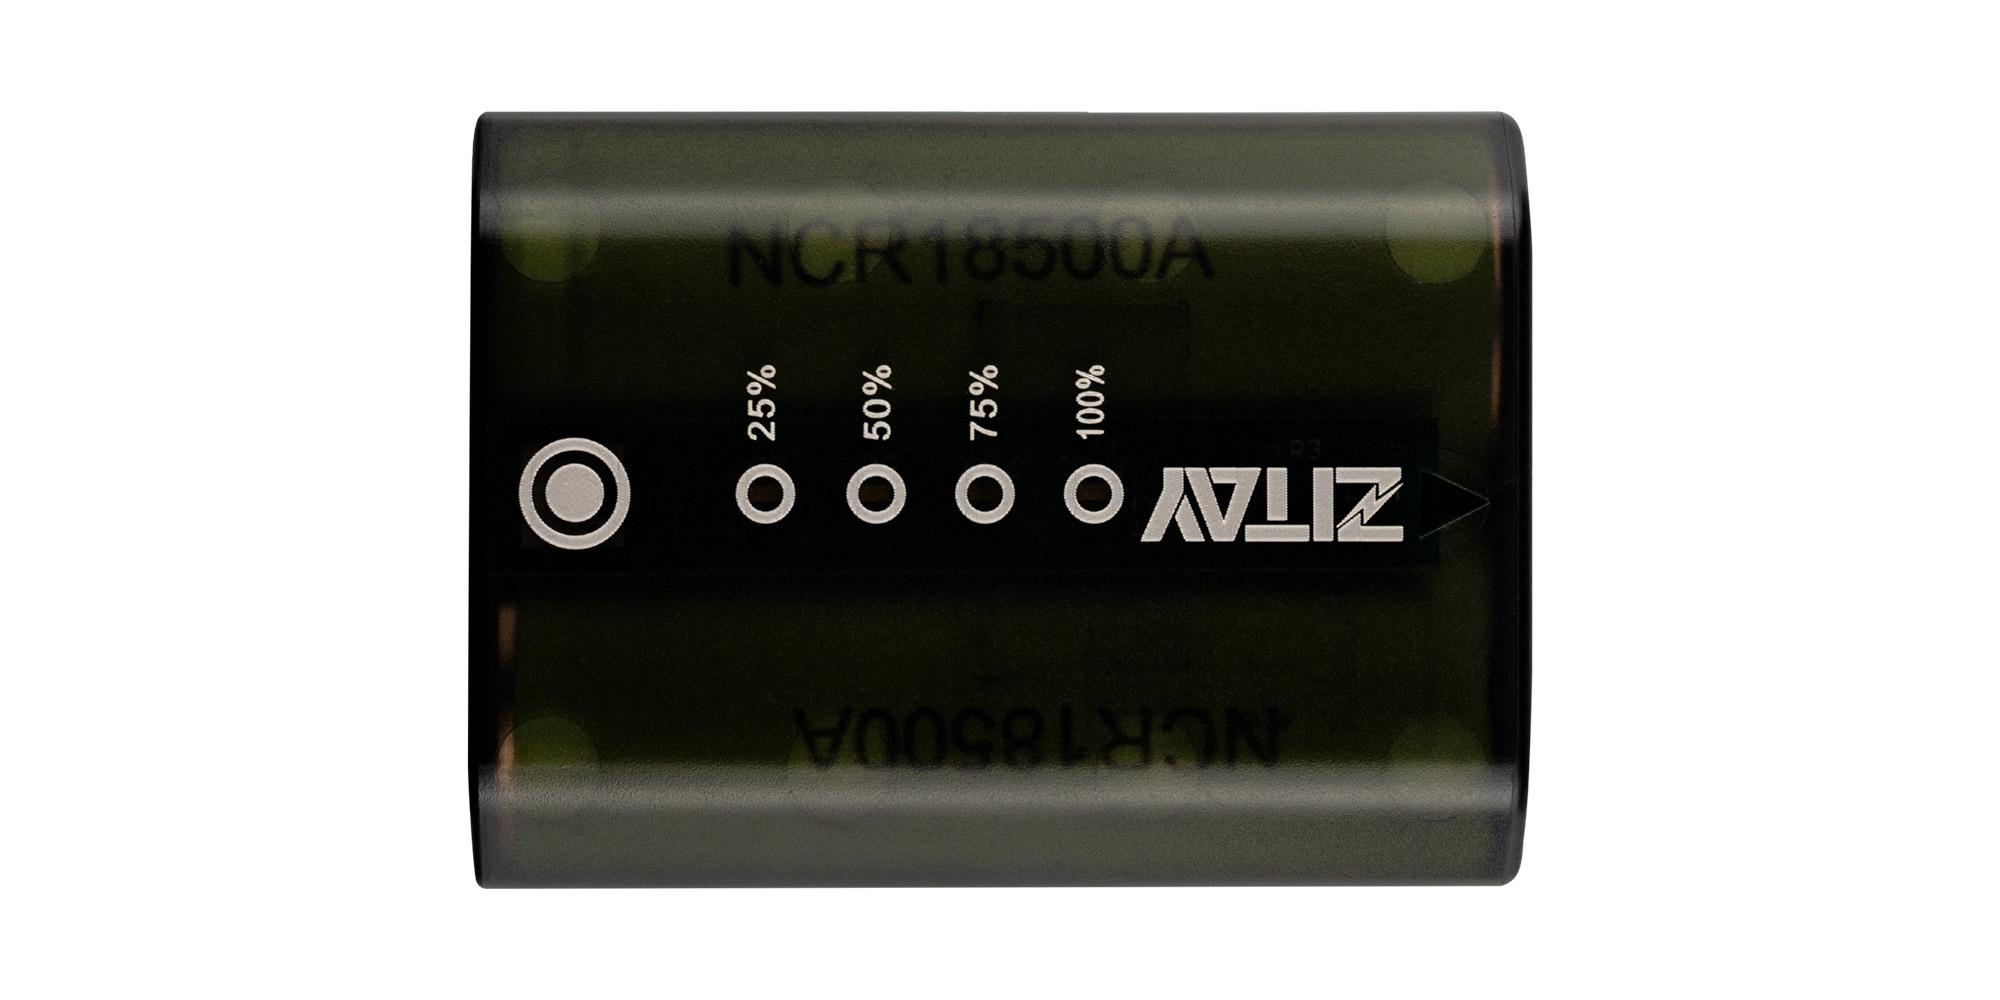 Akumulator Zitay zamiennik NP-FZ100 - Wskaźnik poziomu naładowania